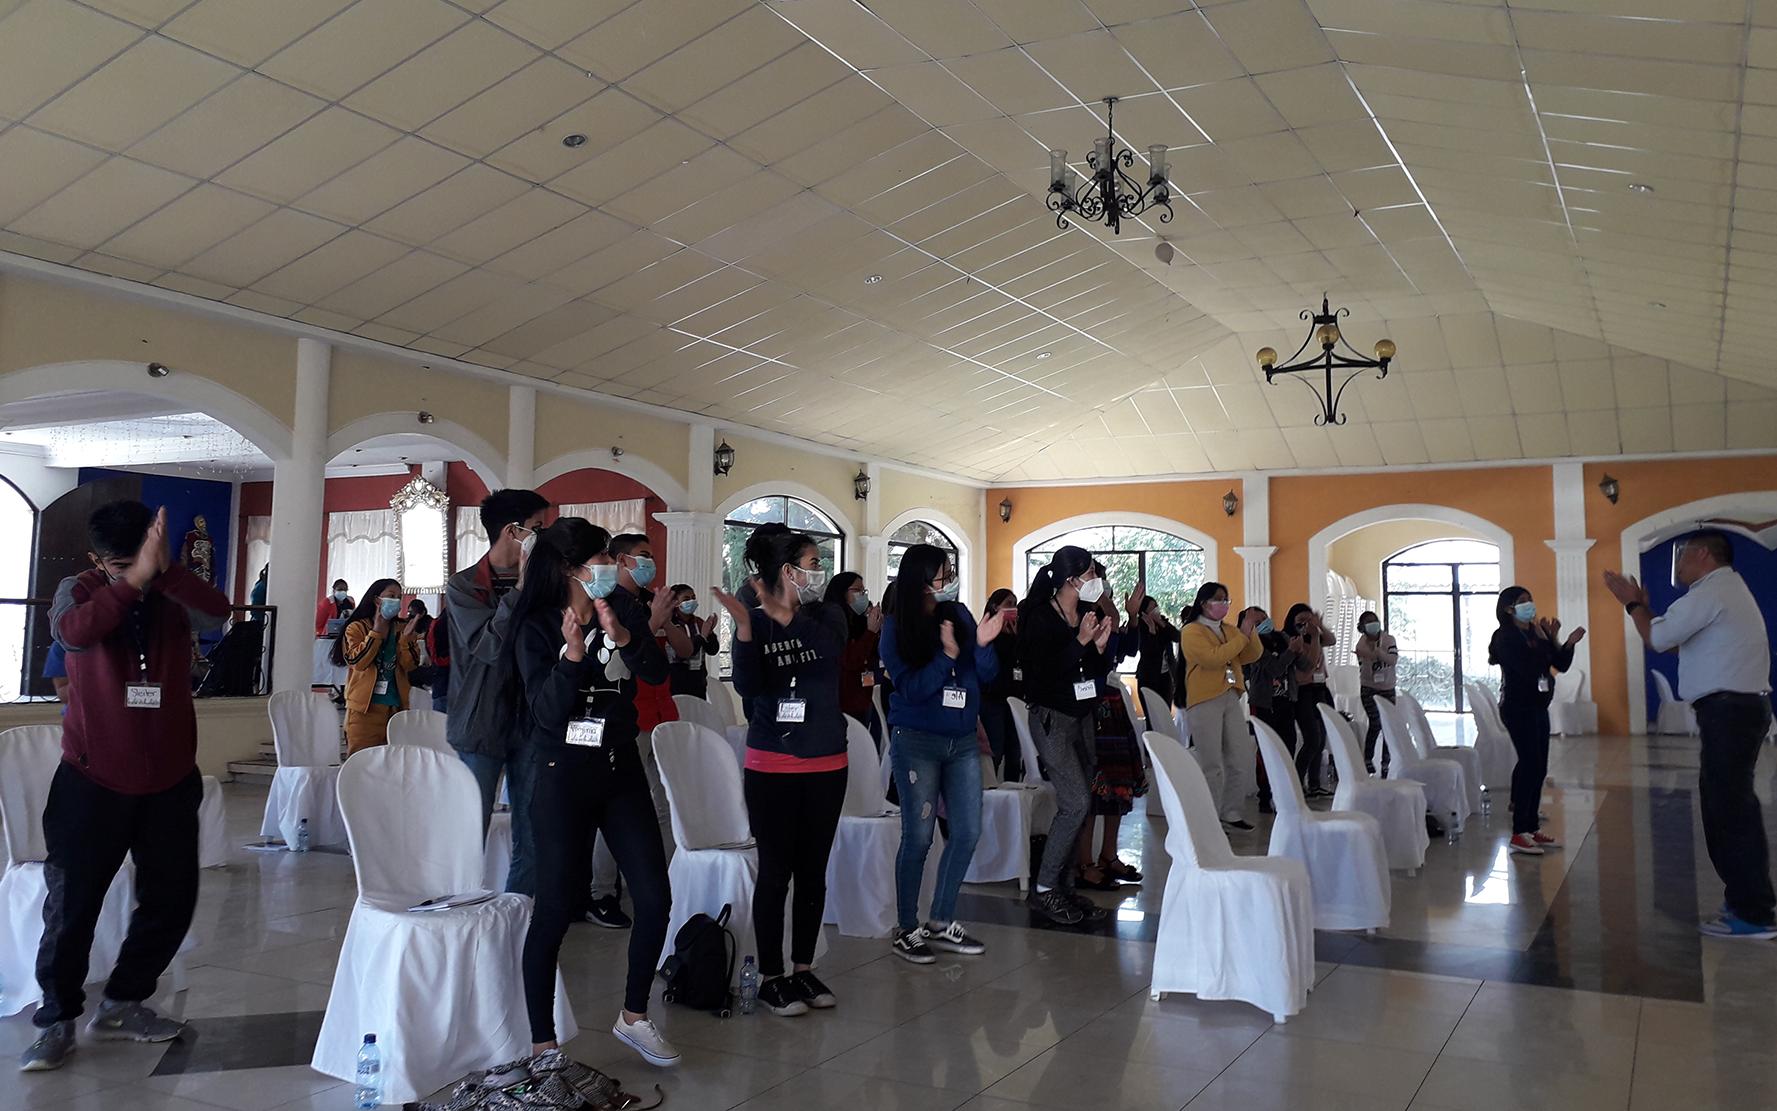 Adolescentes y jóvenes de Quetzaltenango y Totonicapán comparten experiencias en un proceso de formación intermunicipal